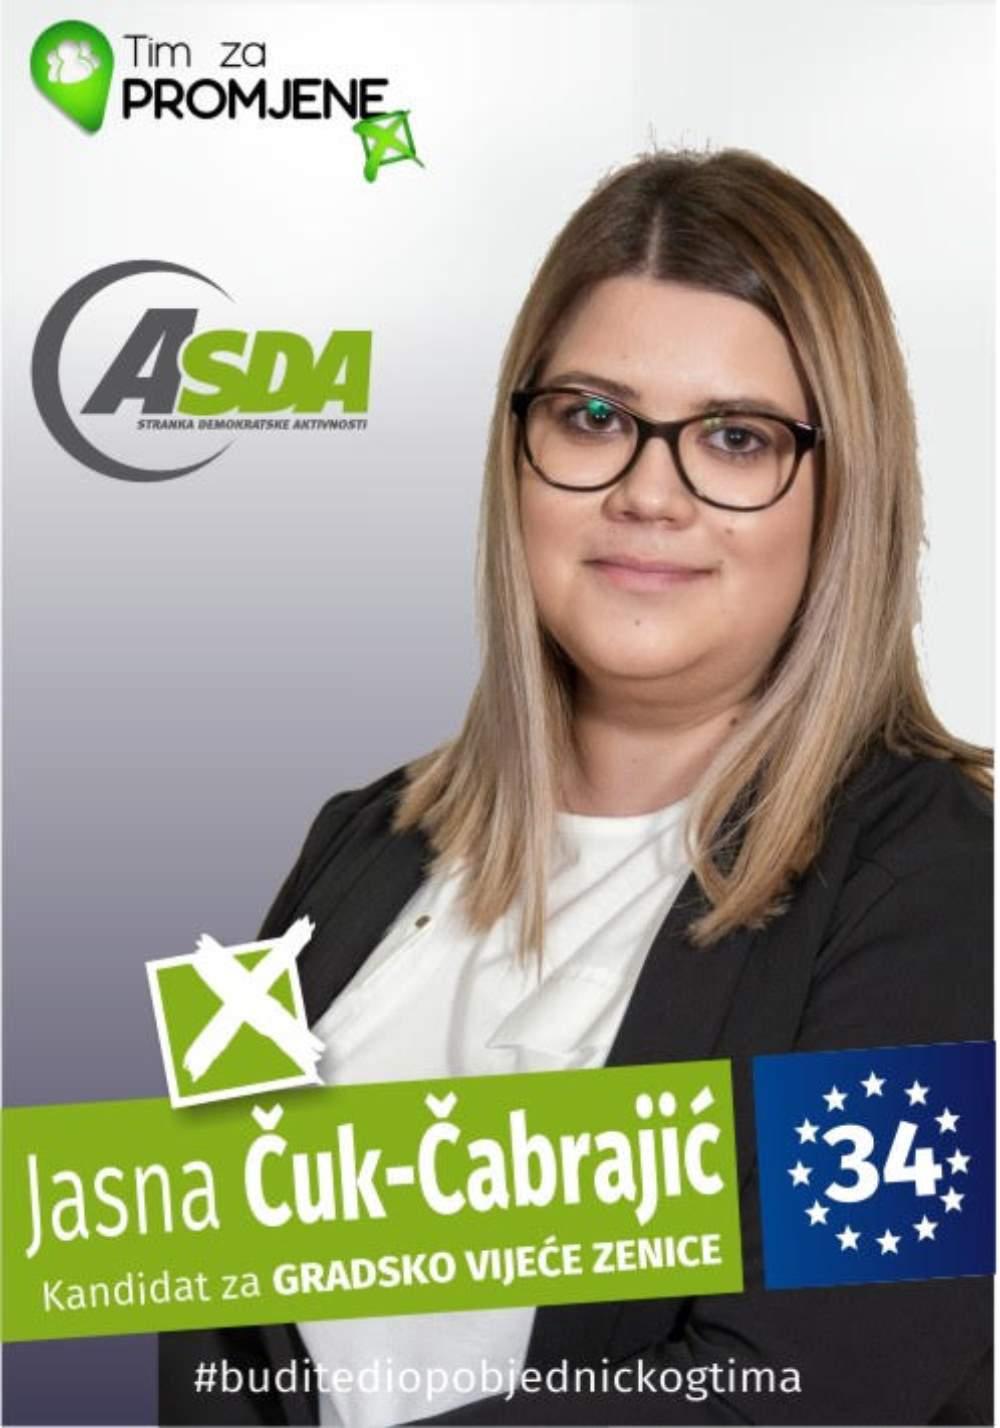 Jasna Čuk - Čabrajić